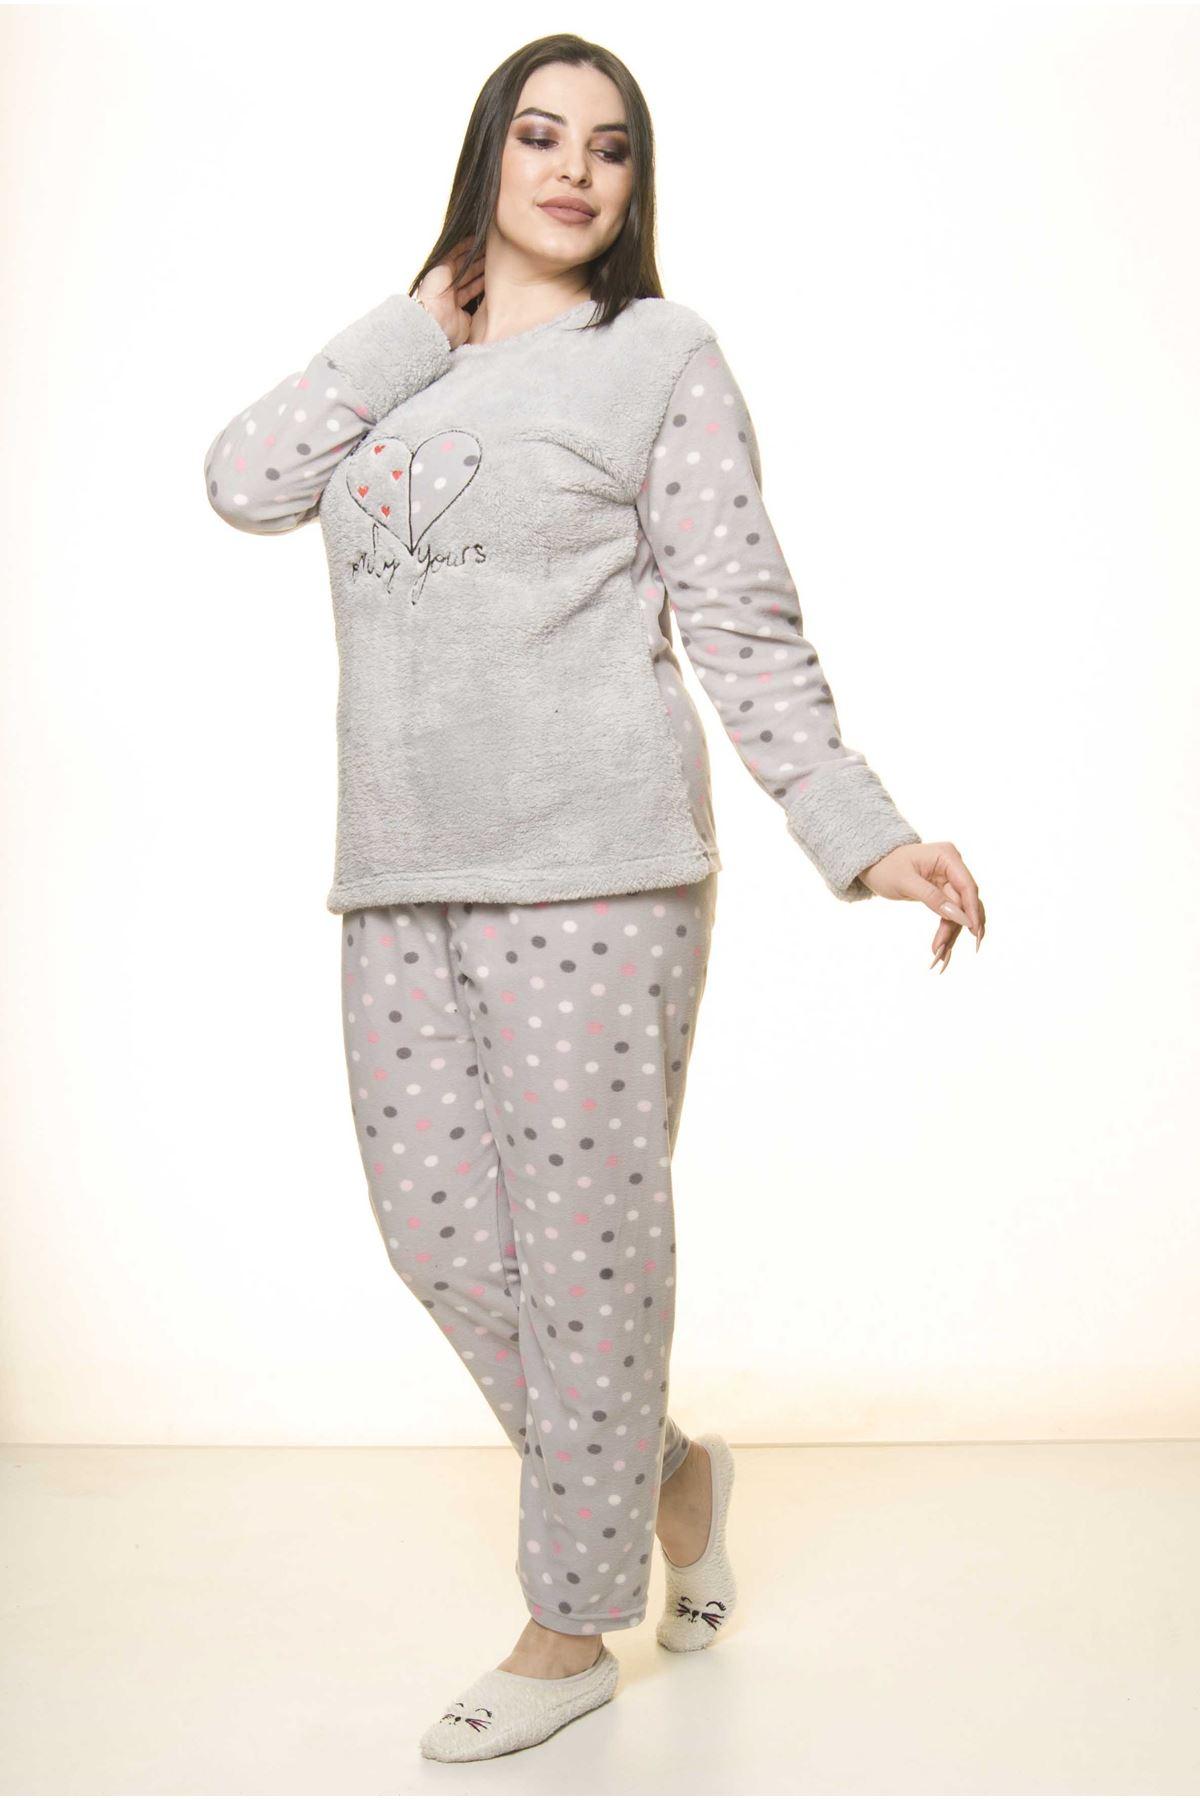 Polar Peluş Kışlık Pijama Takımı 32C-1526